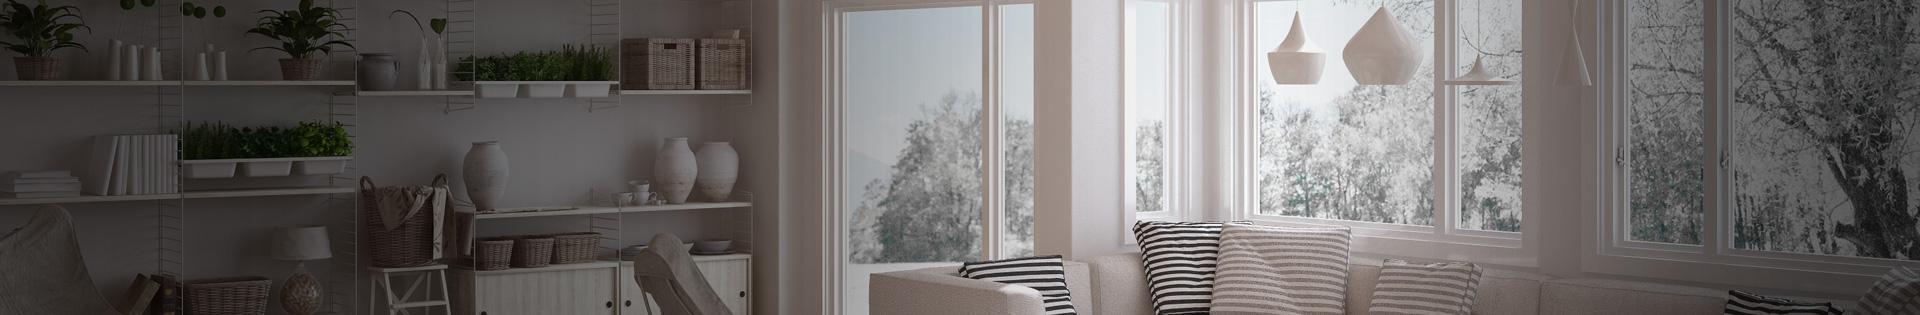 Okna i drzwi na balkon w pokoju dziennym